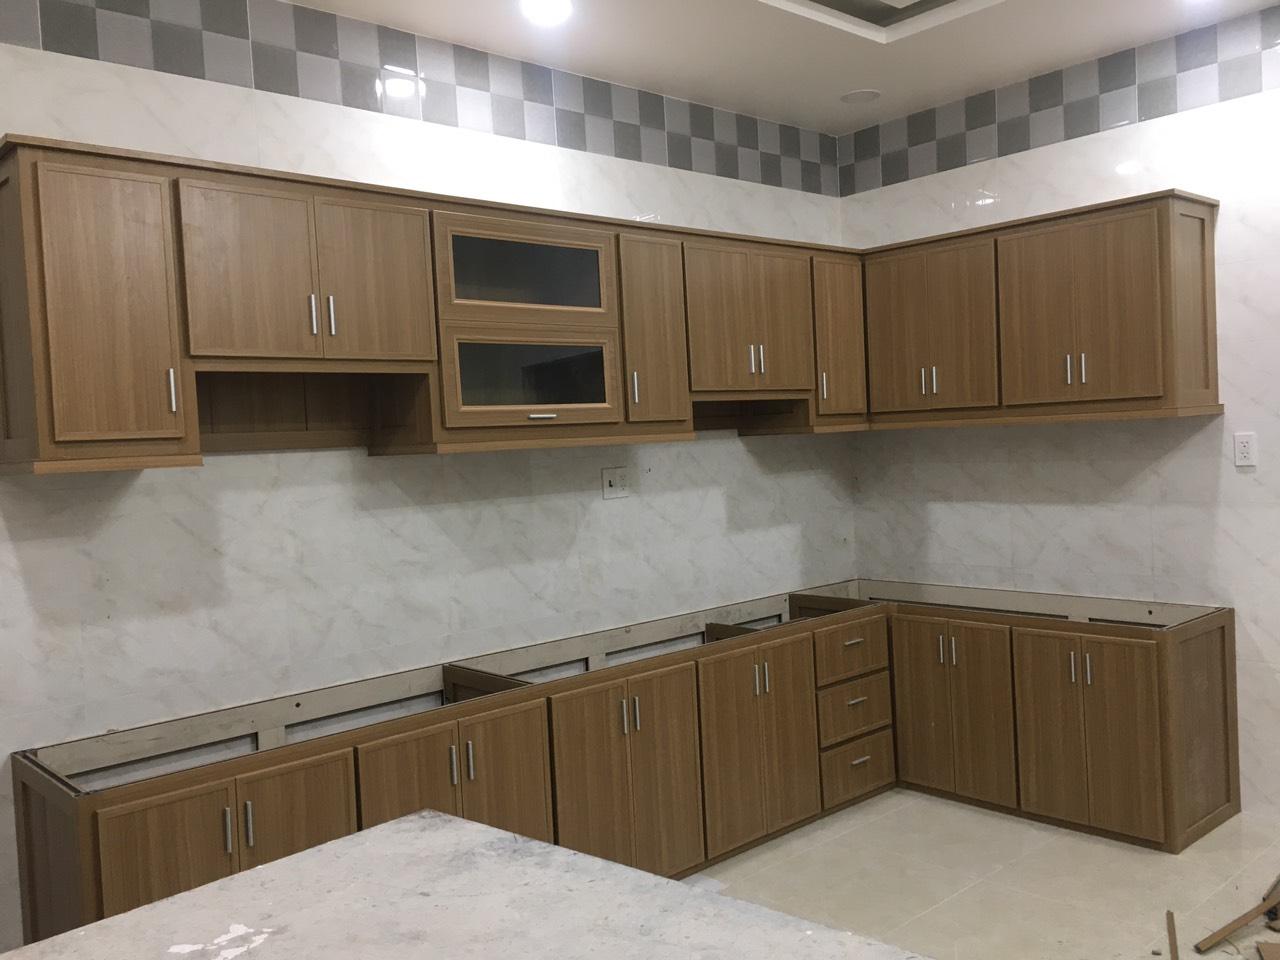 Tủ bếp trên và tủ bếp dưới